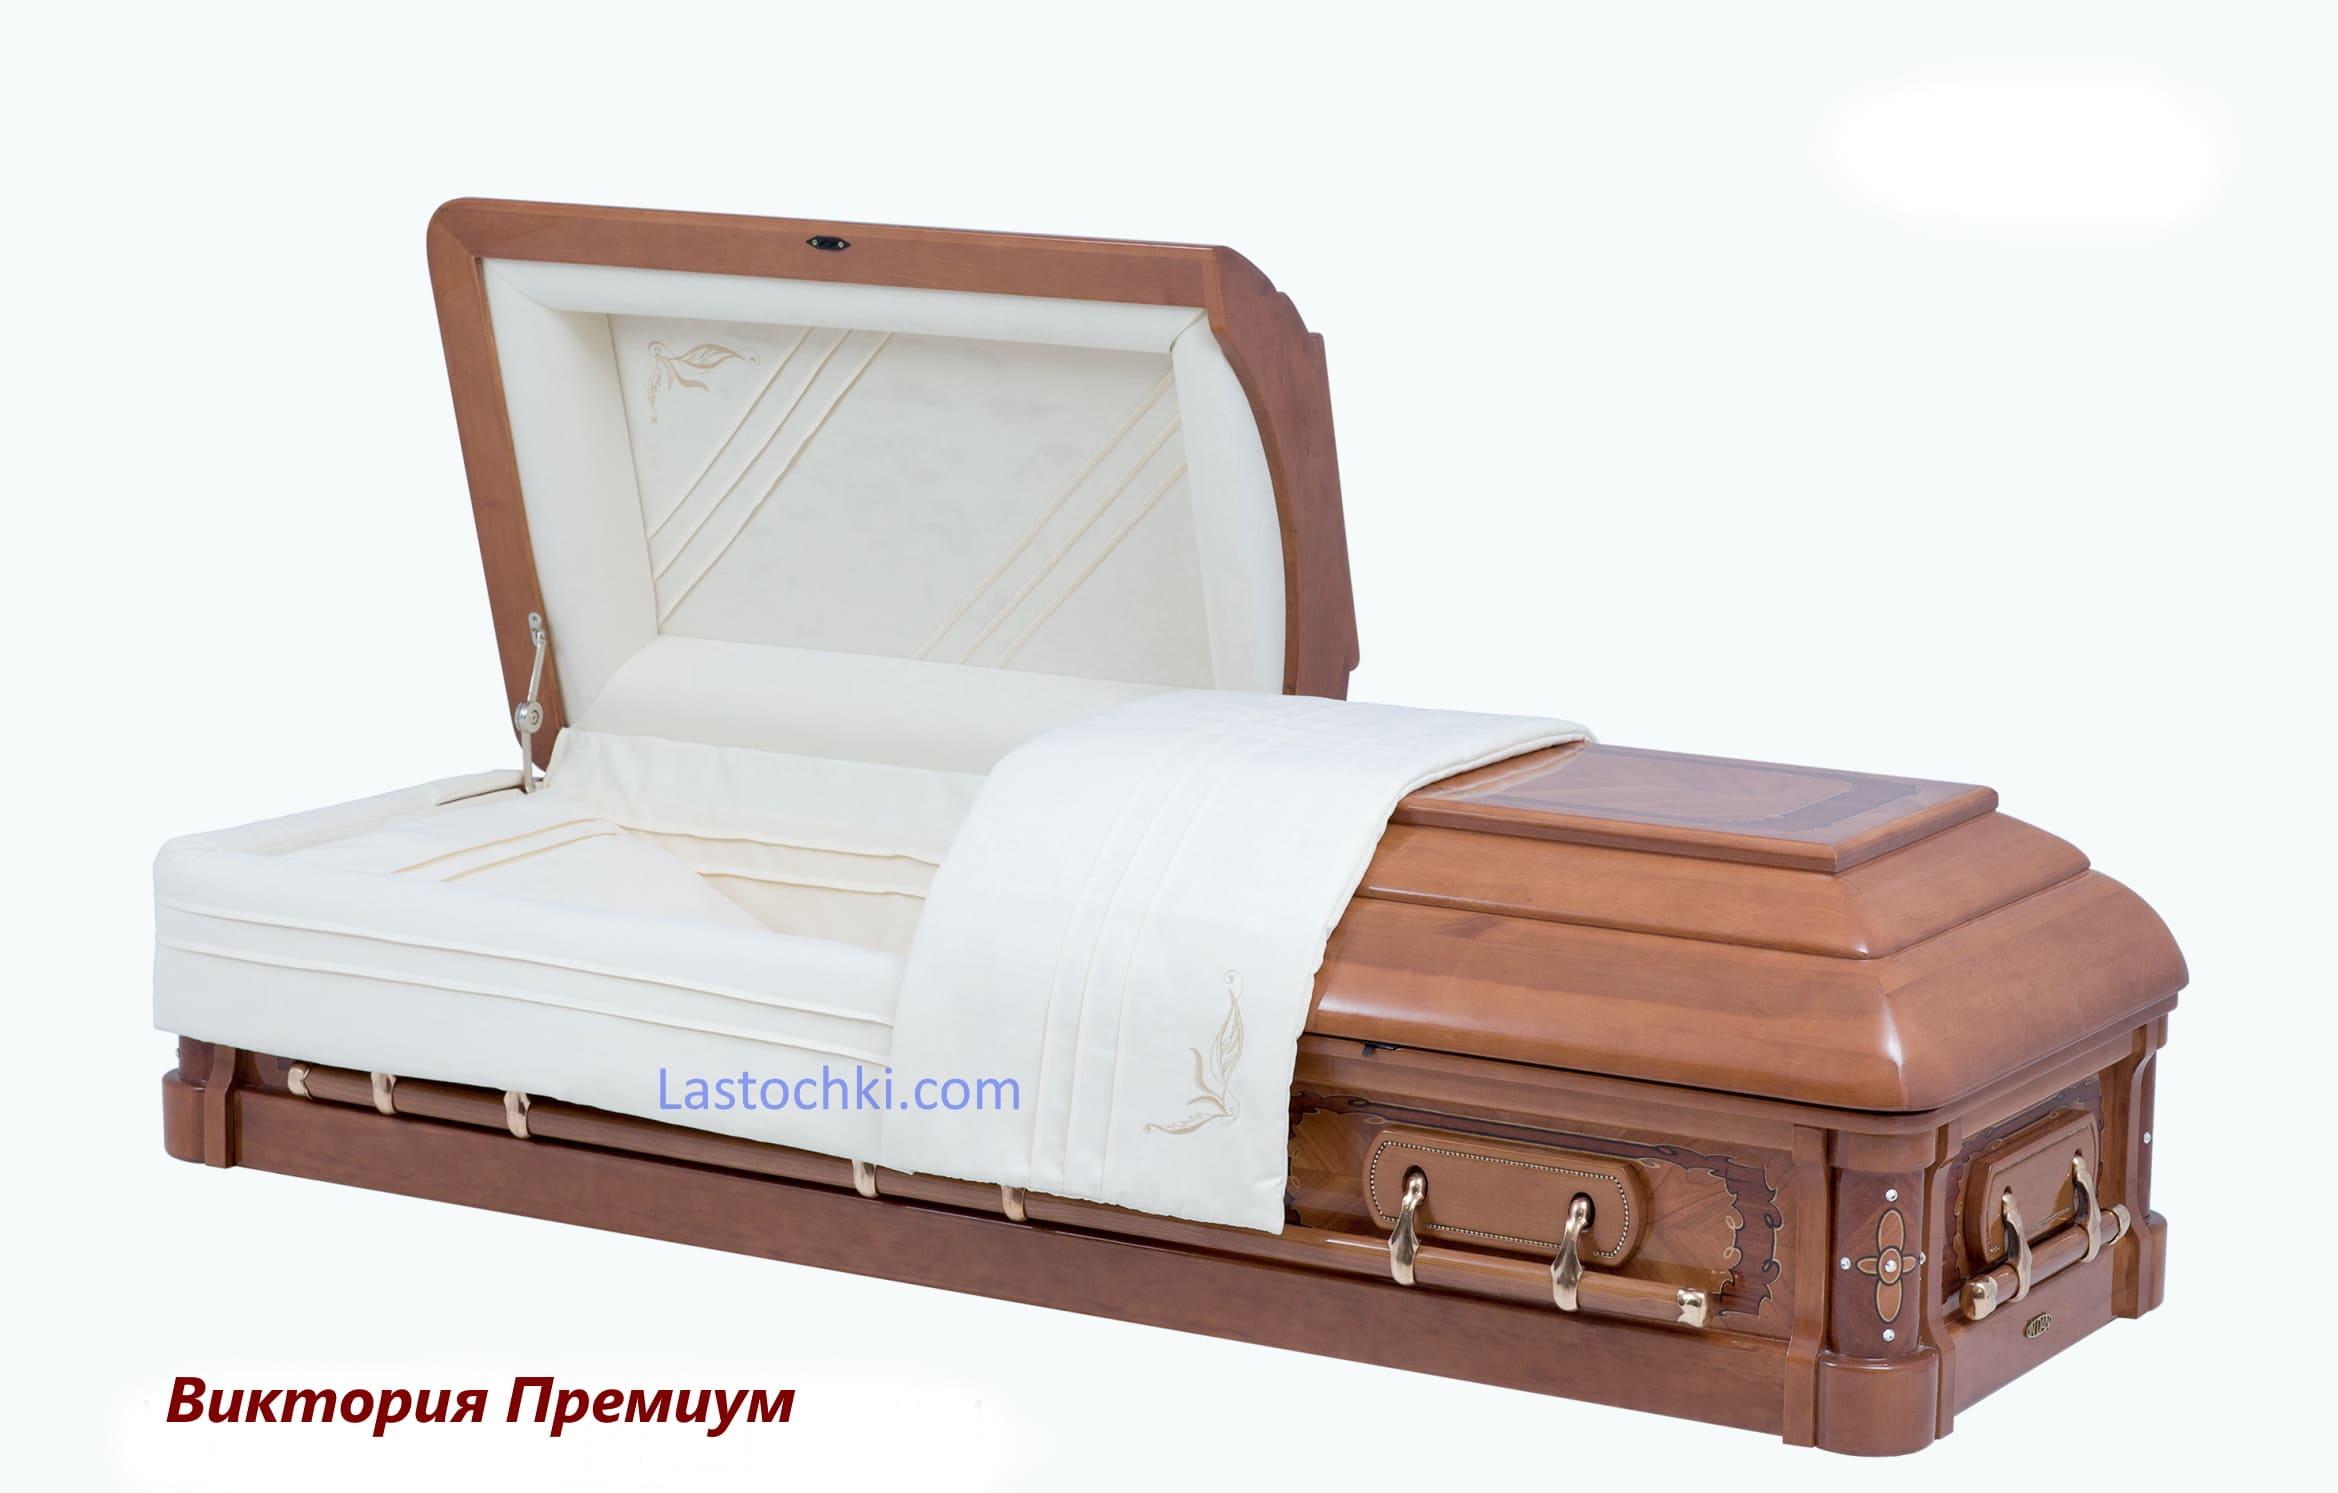 Саркофаг Виктория премиум  -  Цена 230 000 грн.